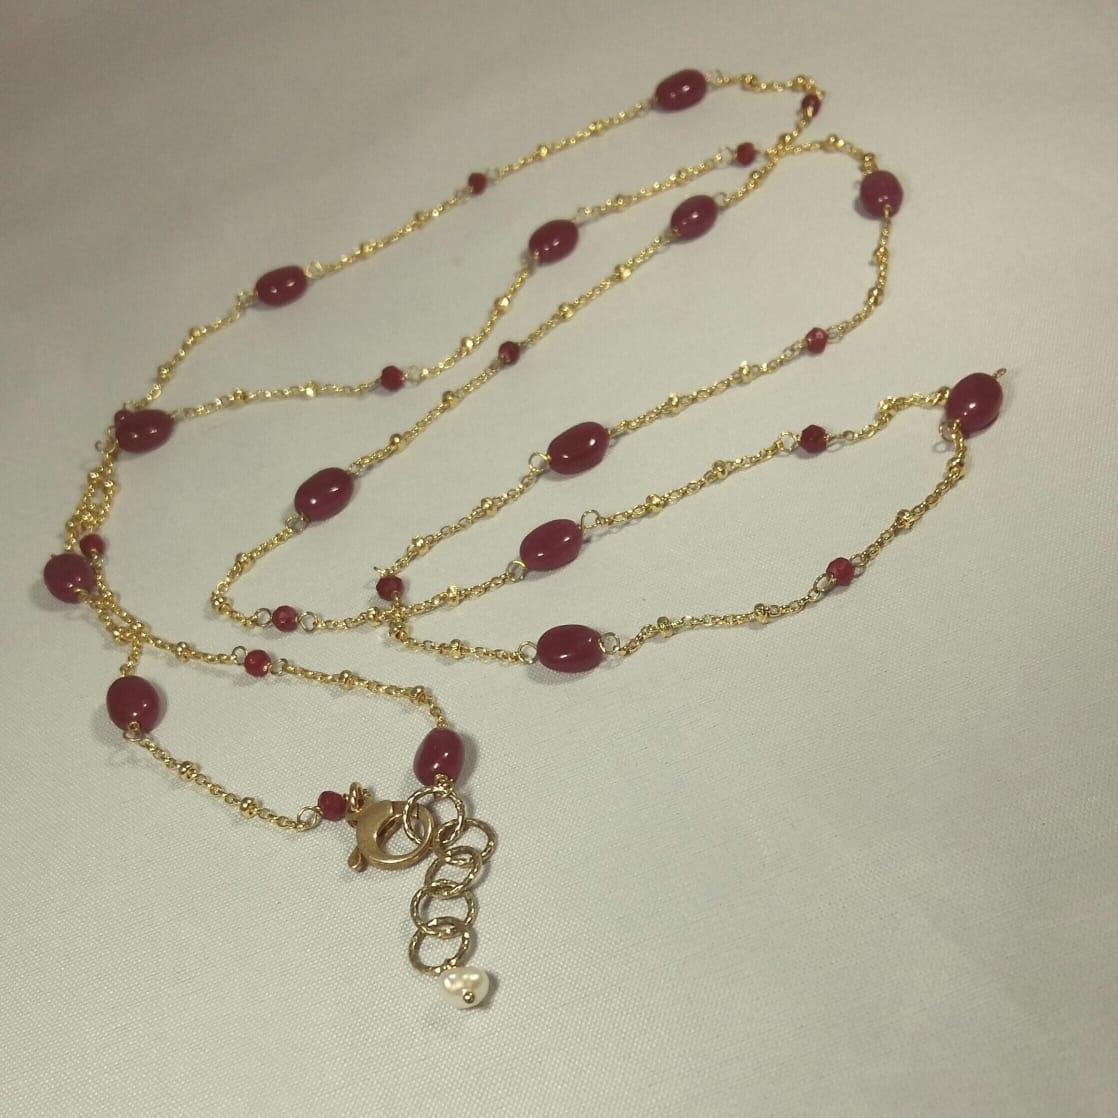 Collana lunga catena argento 925 dorata con sassi rubini e rubini